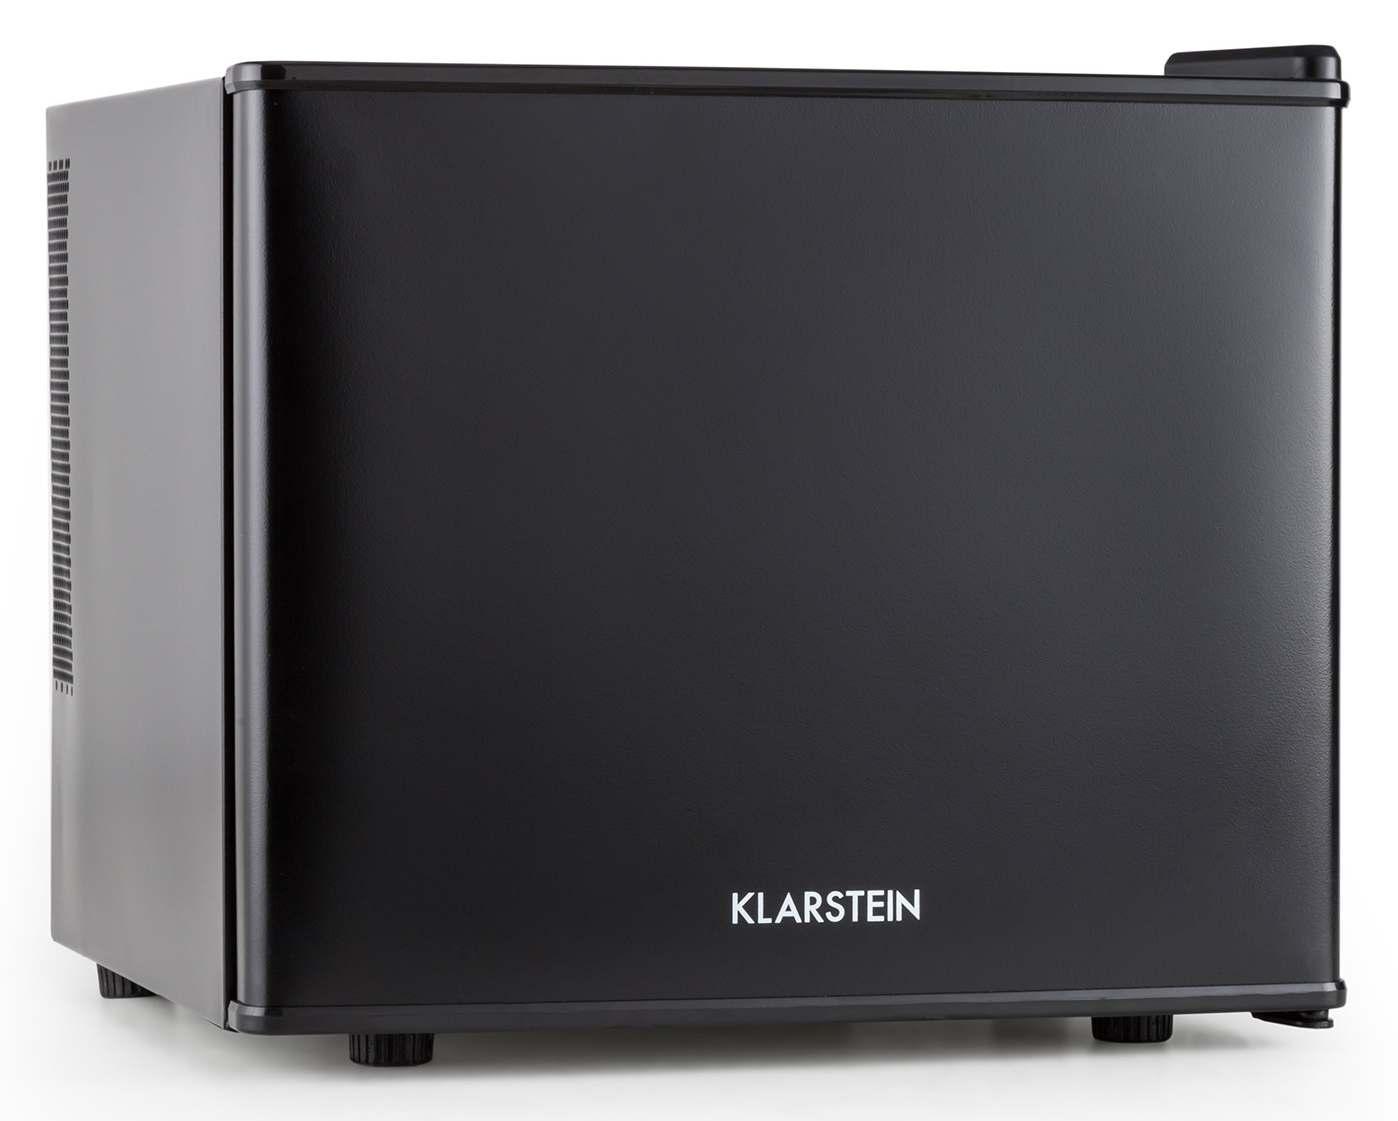 Retro Kühlschrank Klarstein : Klarstein mini kühlschrank geheimversteck platzsparend